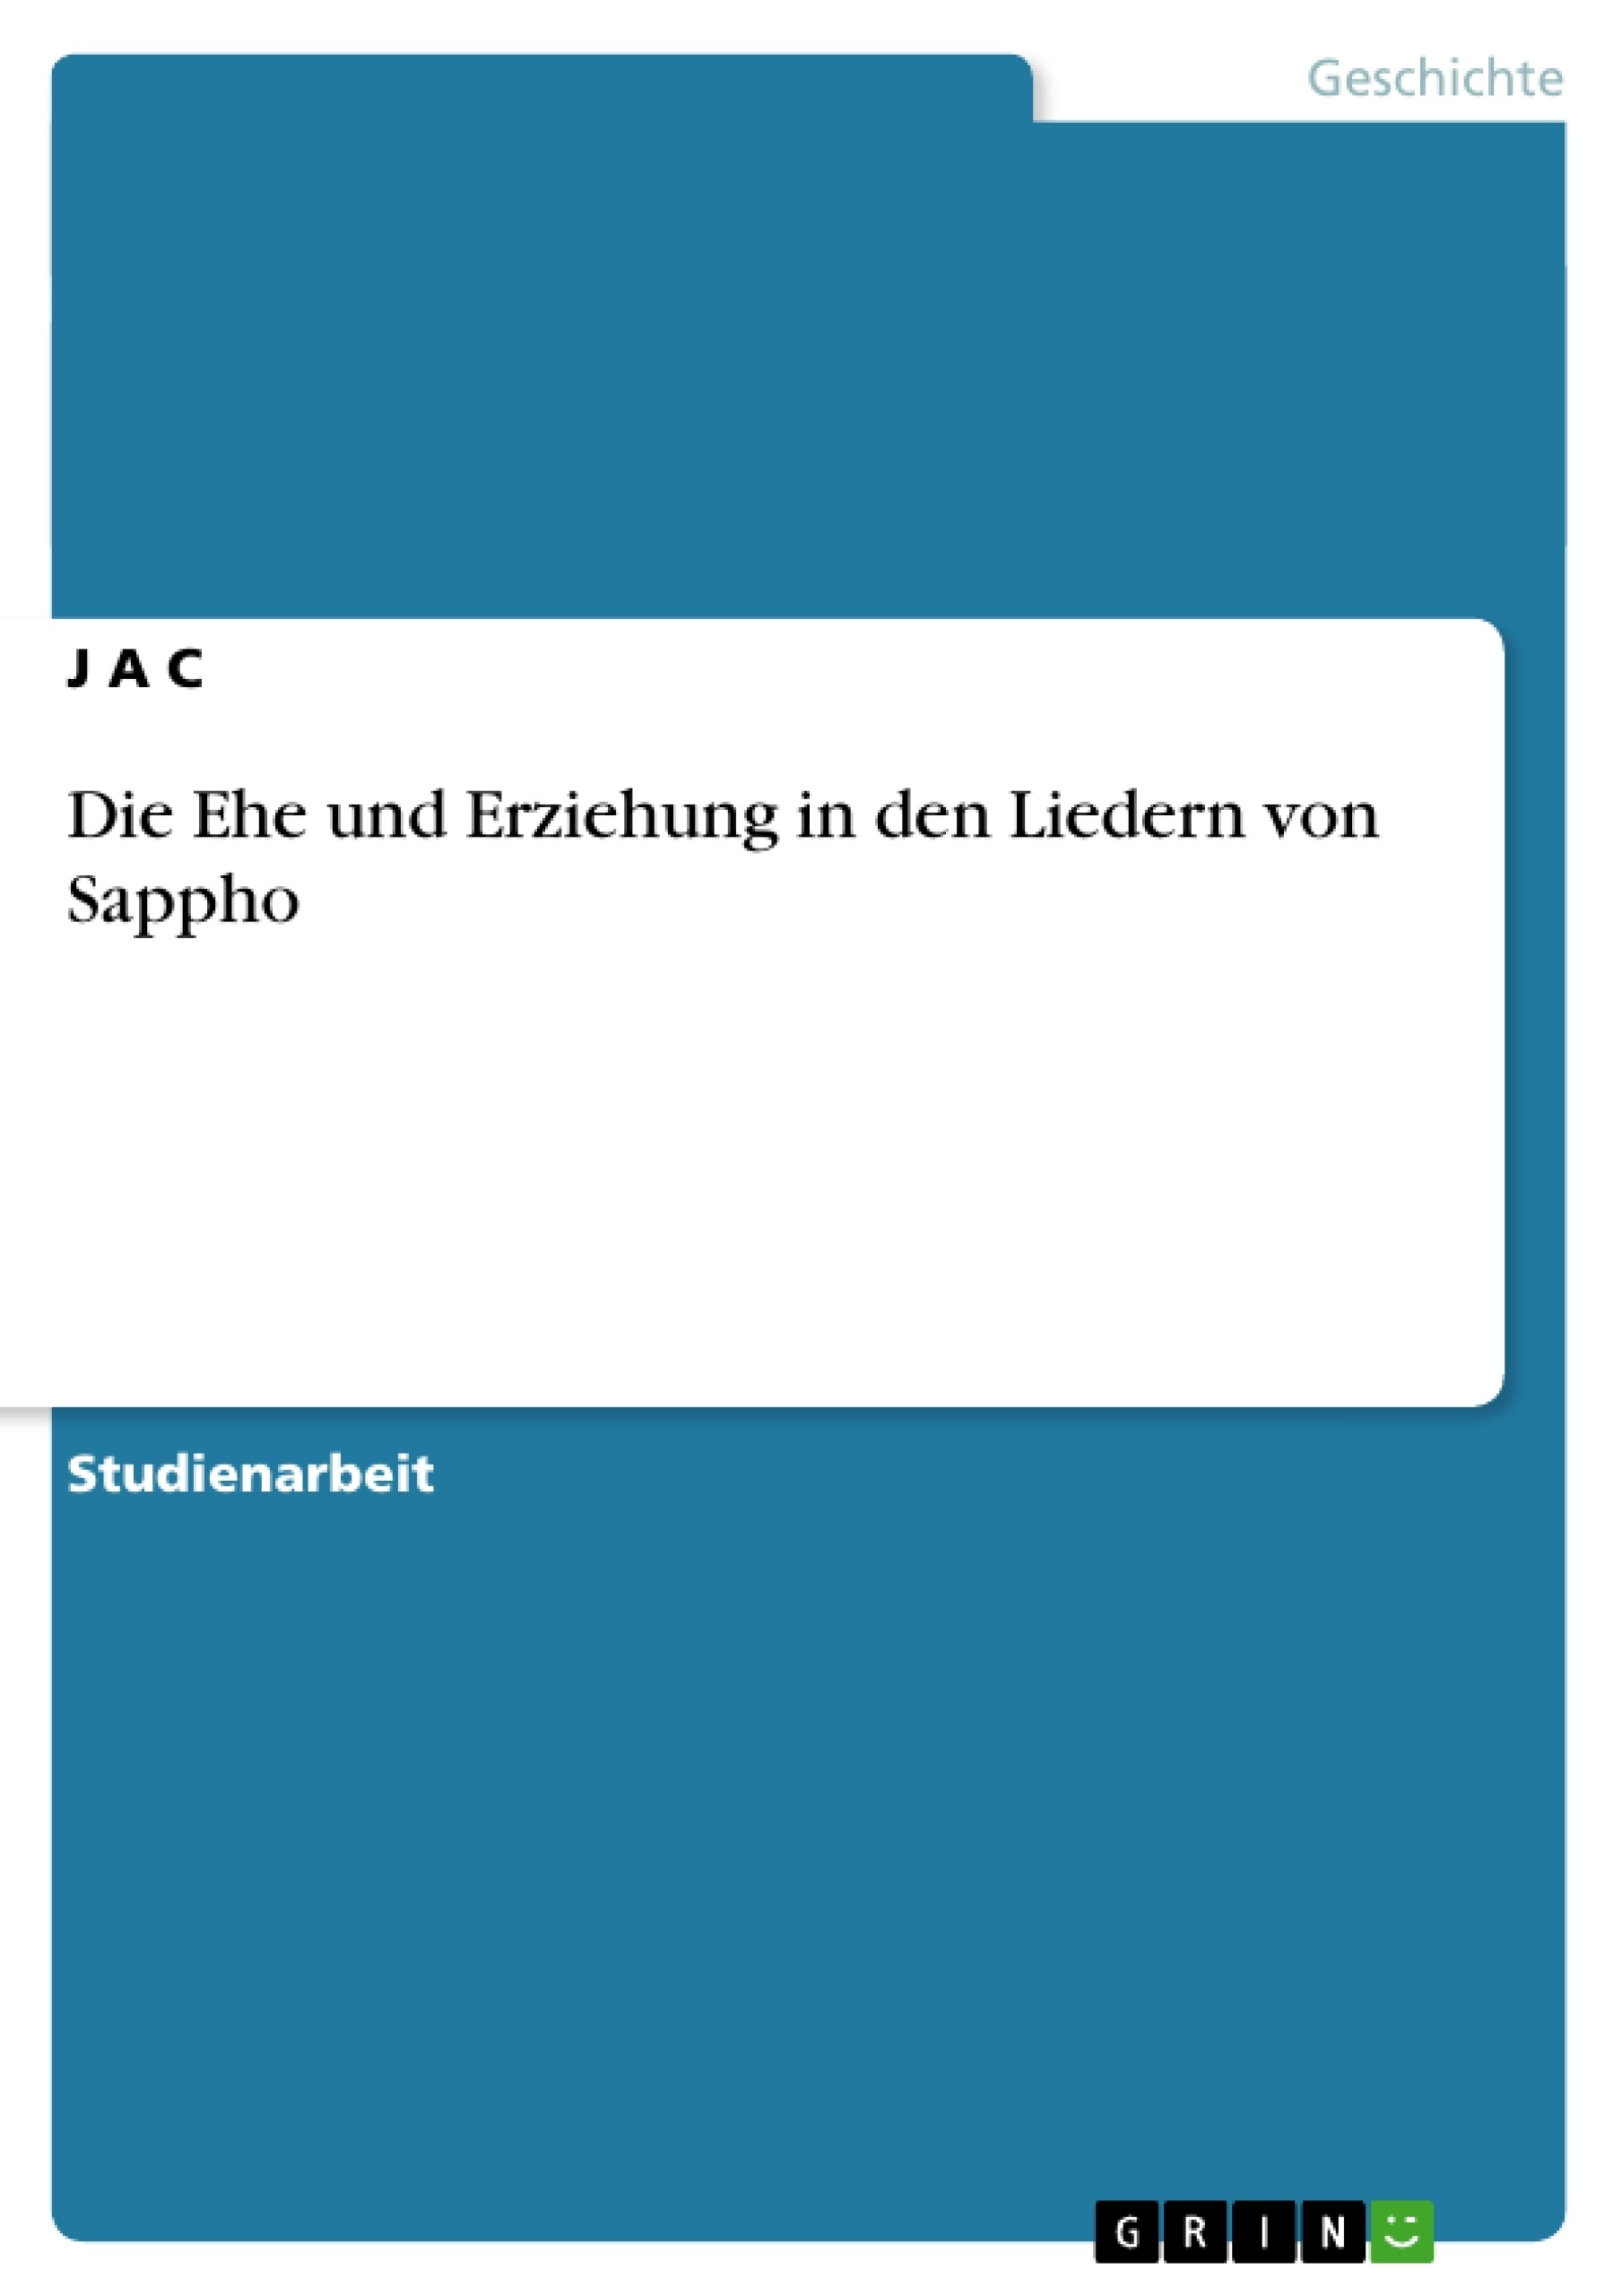 Titel: Die Ehe und Erziehung in den Liedern von Sappho